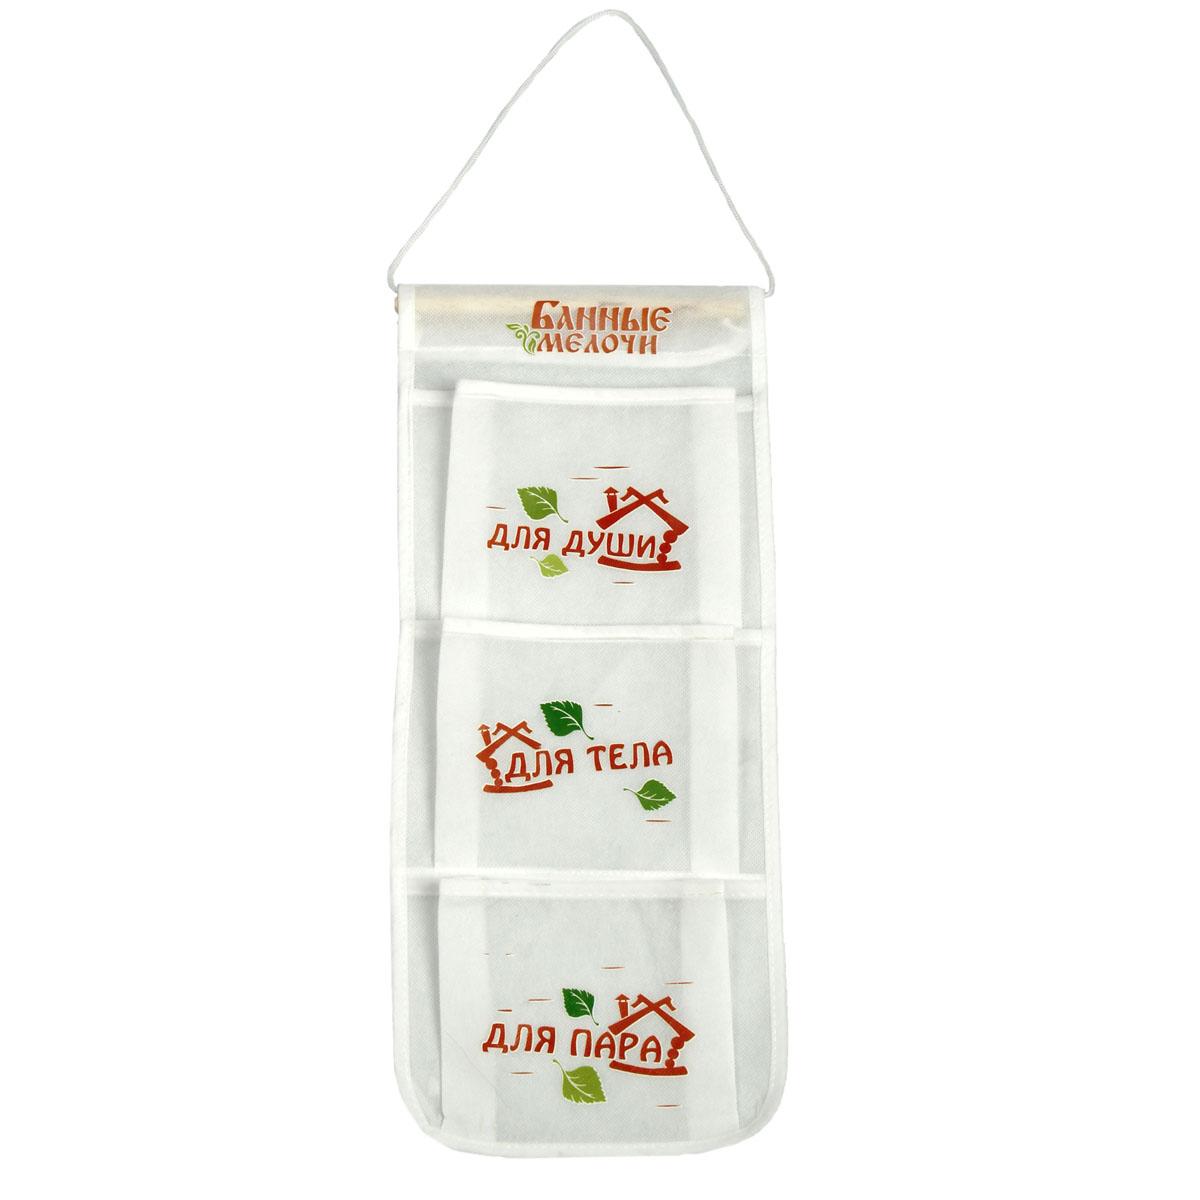 Кармашки на стену для бани Sima-land Банные мелочи, цвет: белый, 3 шт866555Кармашки на стену Sima-land Банные мелочи, изготовленные из текстиля, предназначены для хранения необходимых вещей, множества мелочей в бане или ванной комнате. Изделие представляет собой текстильное полотно с тремя пришитыми кармашками. Благодаря деревянной планке и шнурку, кармашки можно подвесить на стену или дверь в необходимом для вас месте. Кармашки декорированы надписями Для души, Для тела, Для пара. Этот нужный предмет может стать одновременно и декоративным элементом бани или ванной комнаты.